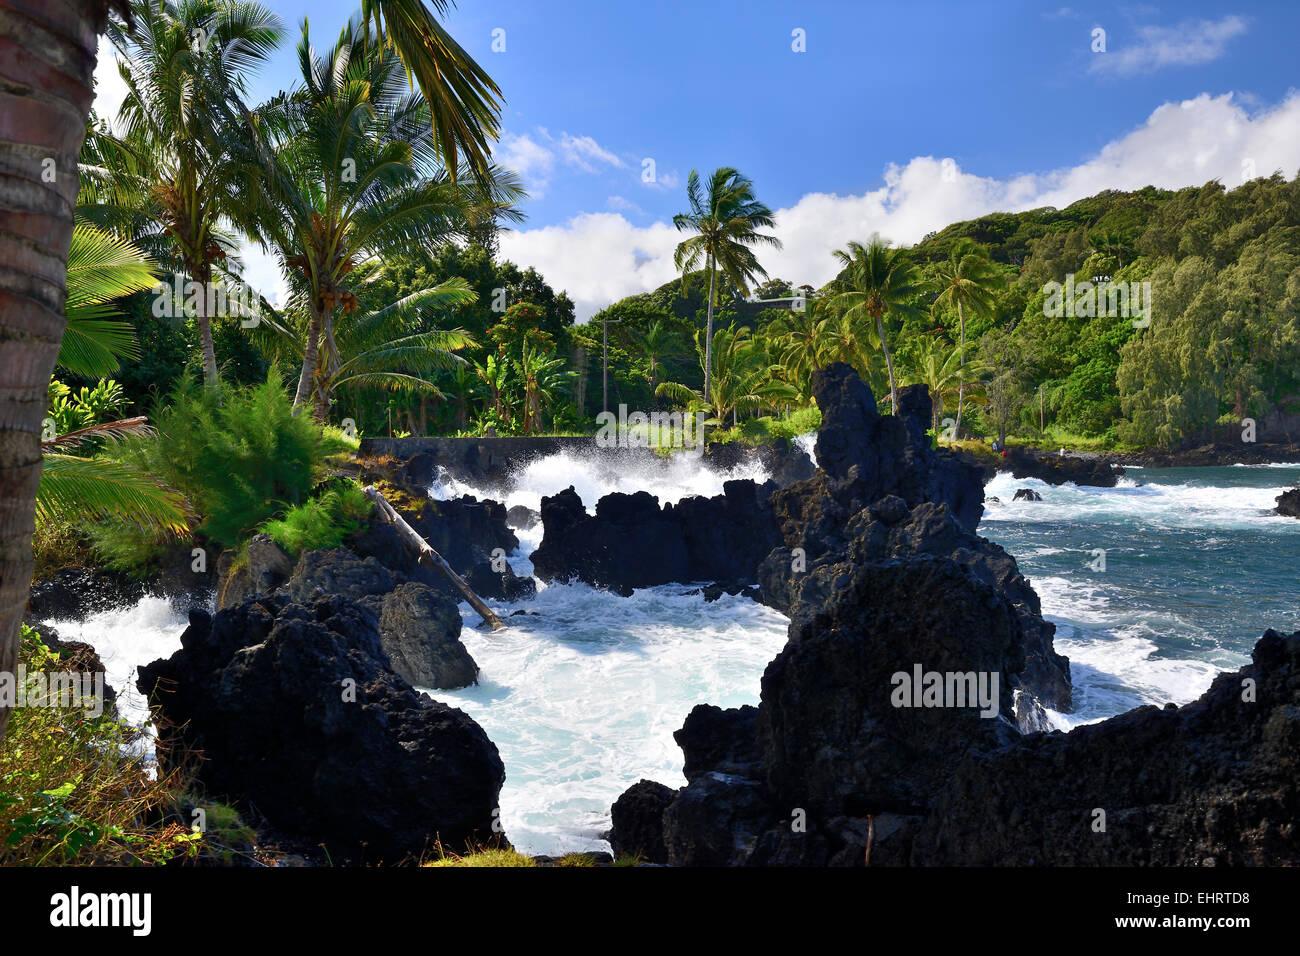 Lava rock outcrops and black sand beach along Hana Highway, Hana Coast, Maui, Hawaii, USA Stock Photo